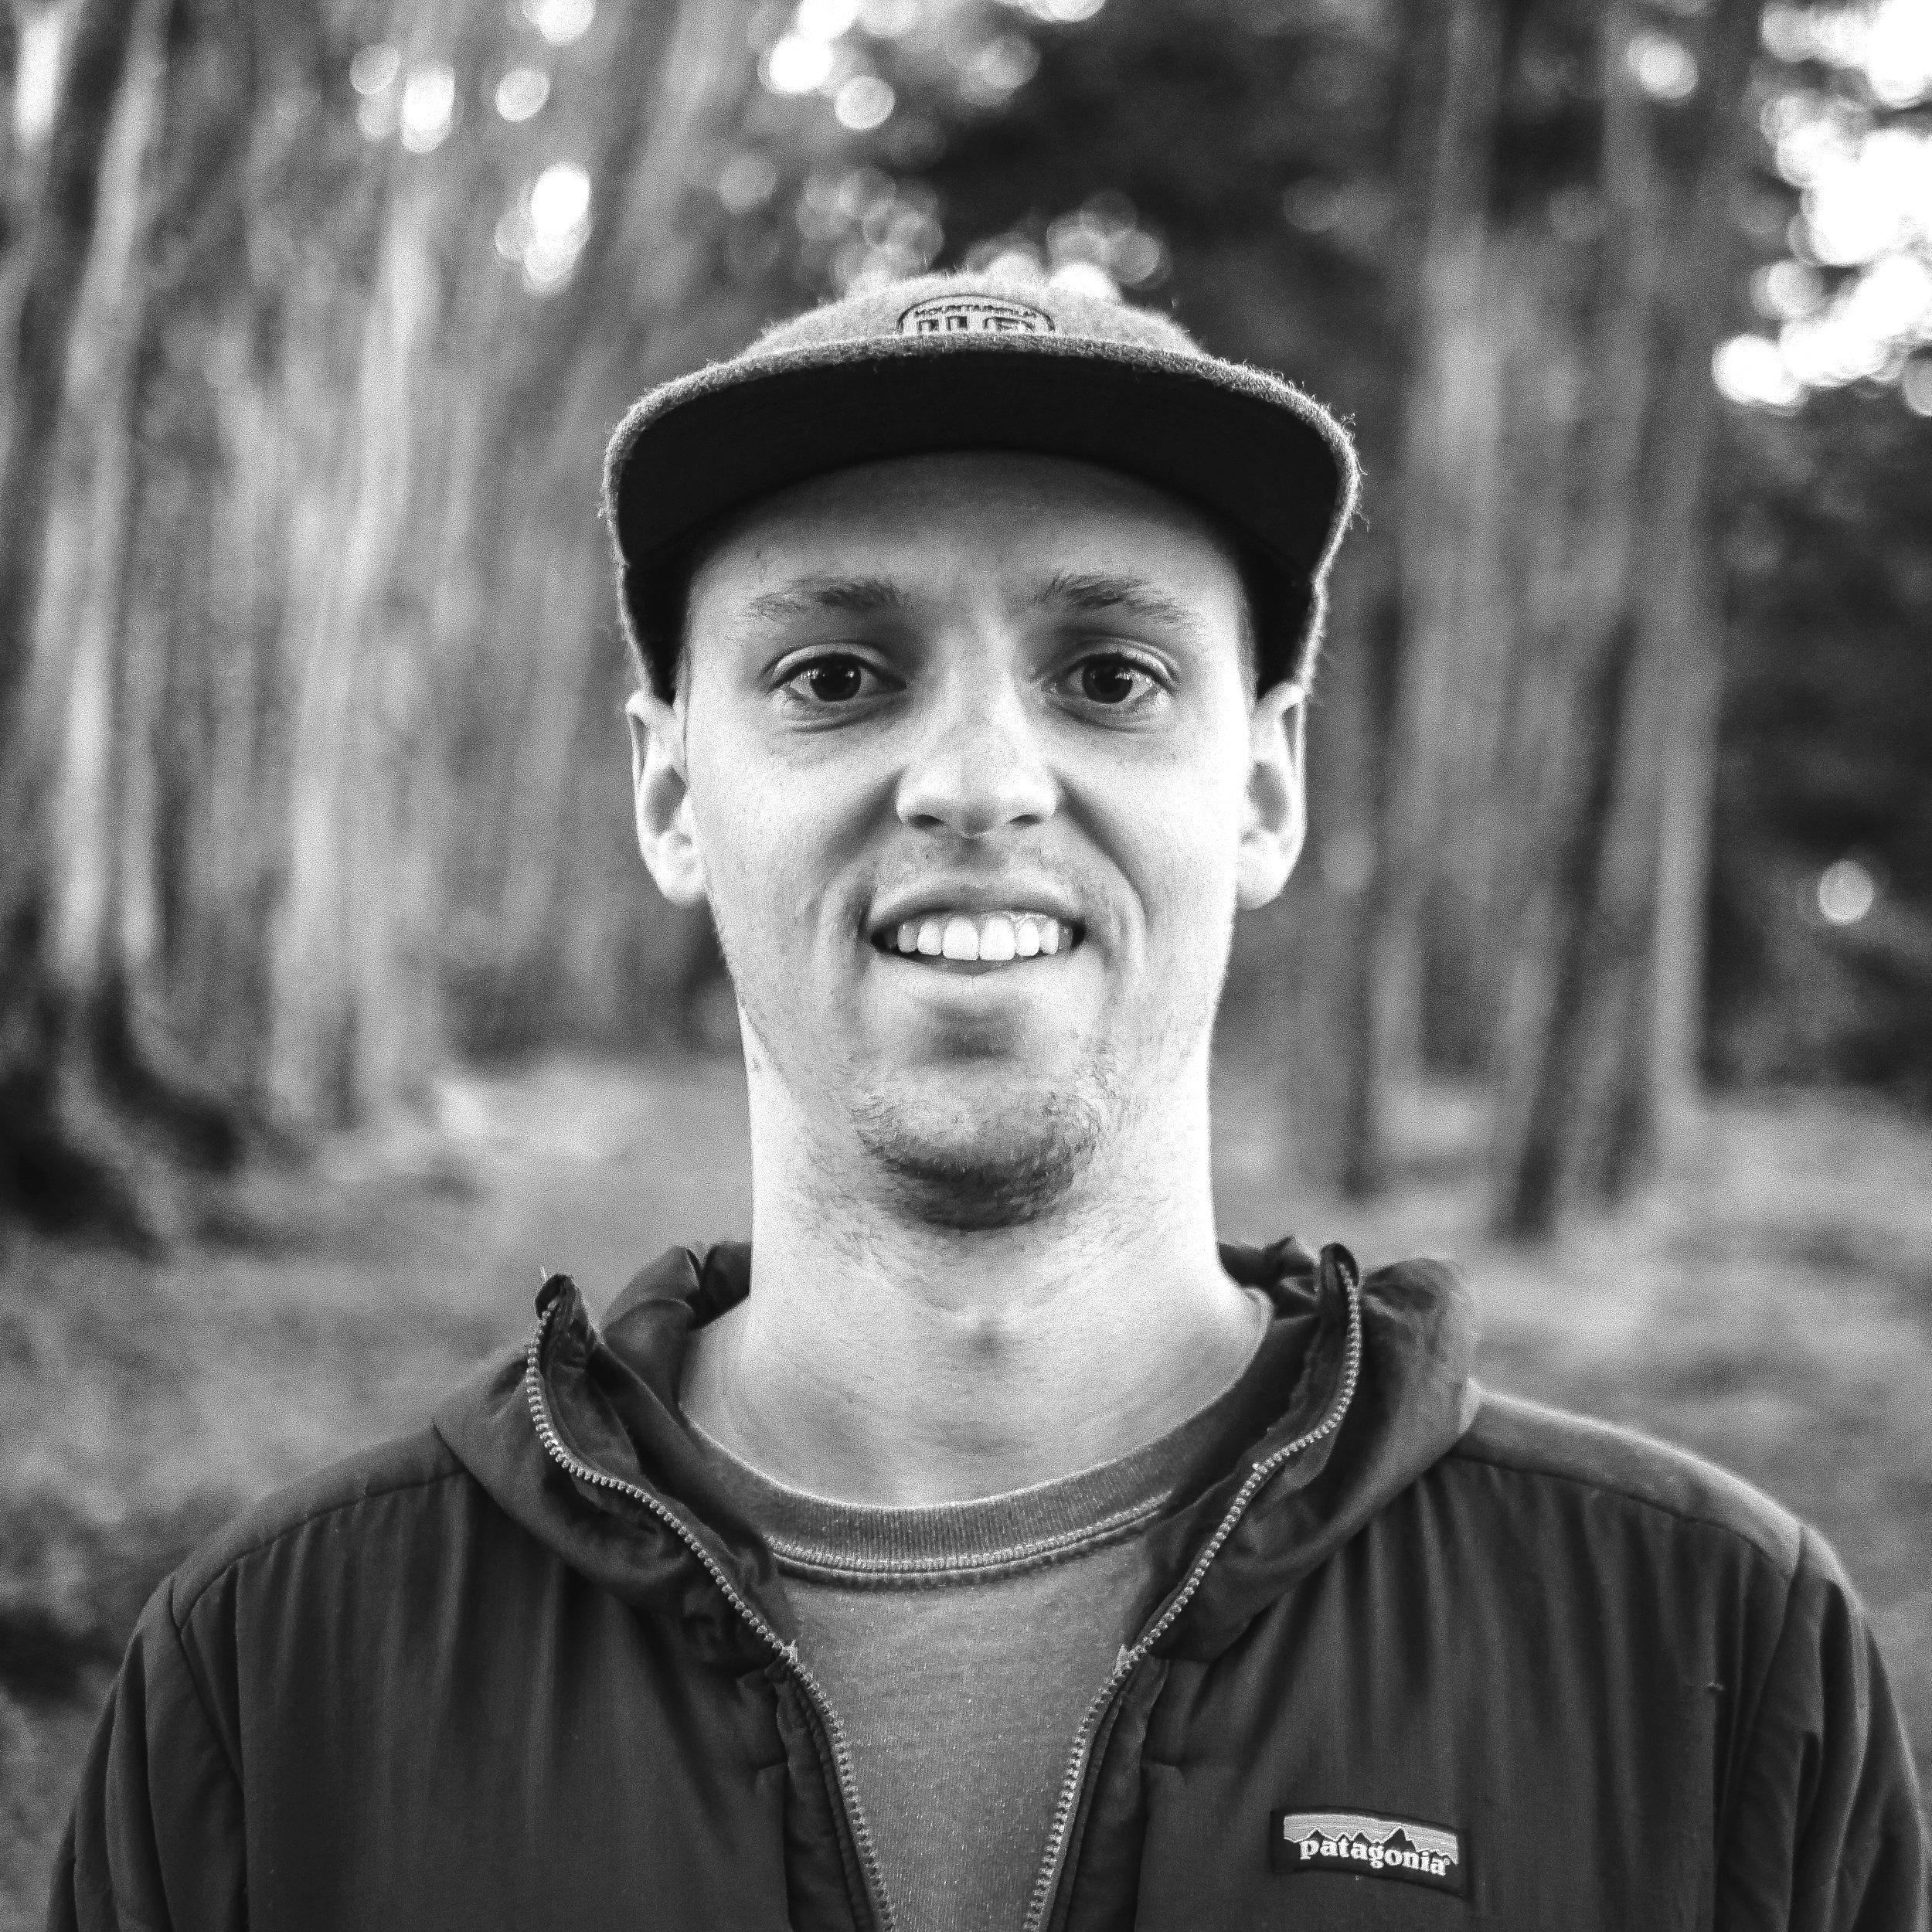 KIRK HORTON - Director/DP